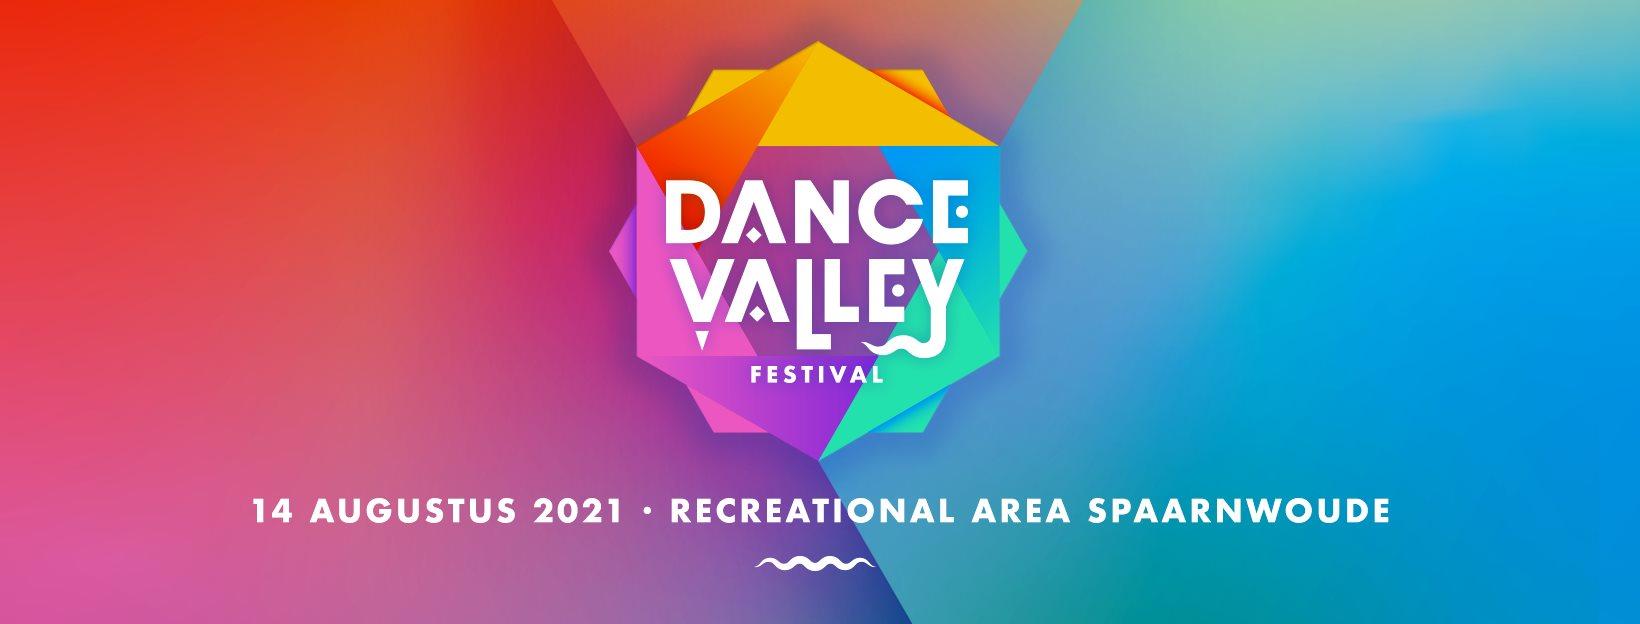 Dance Valley is happening! 1